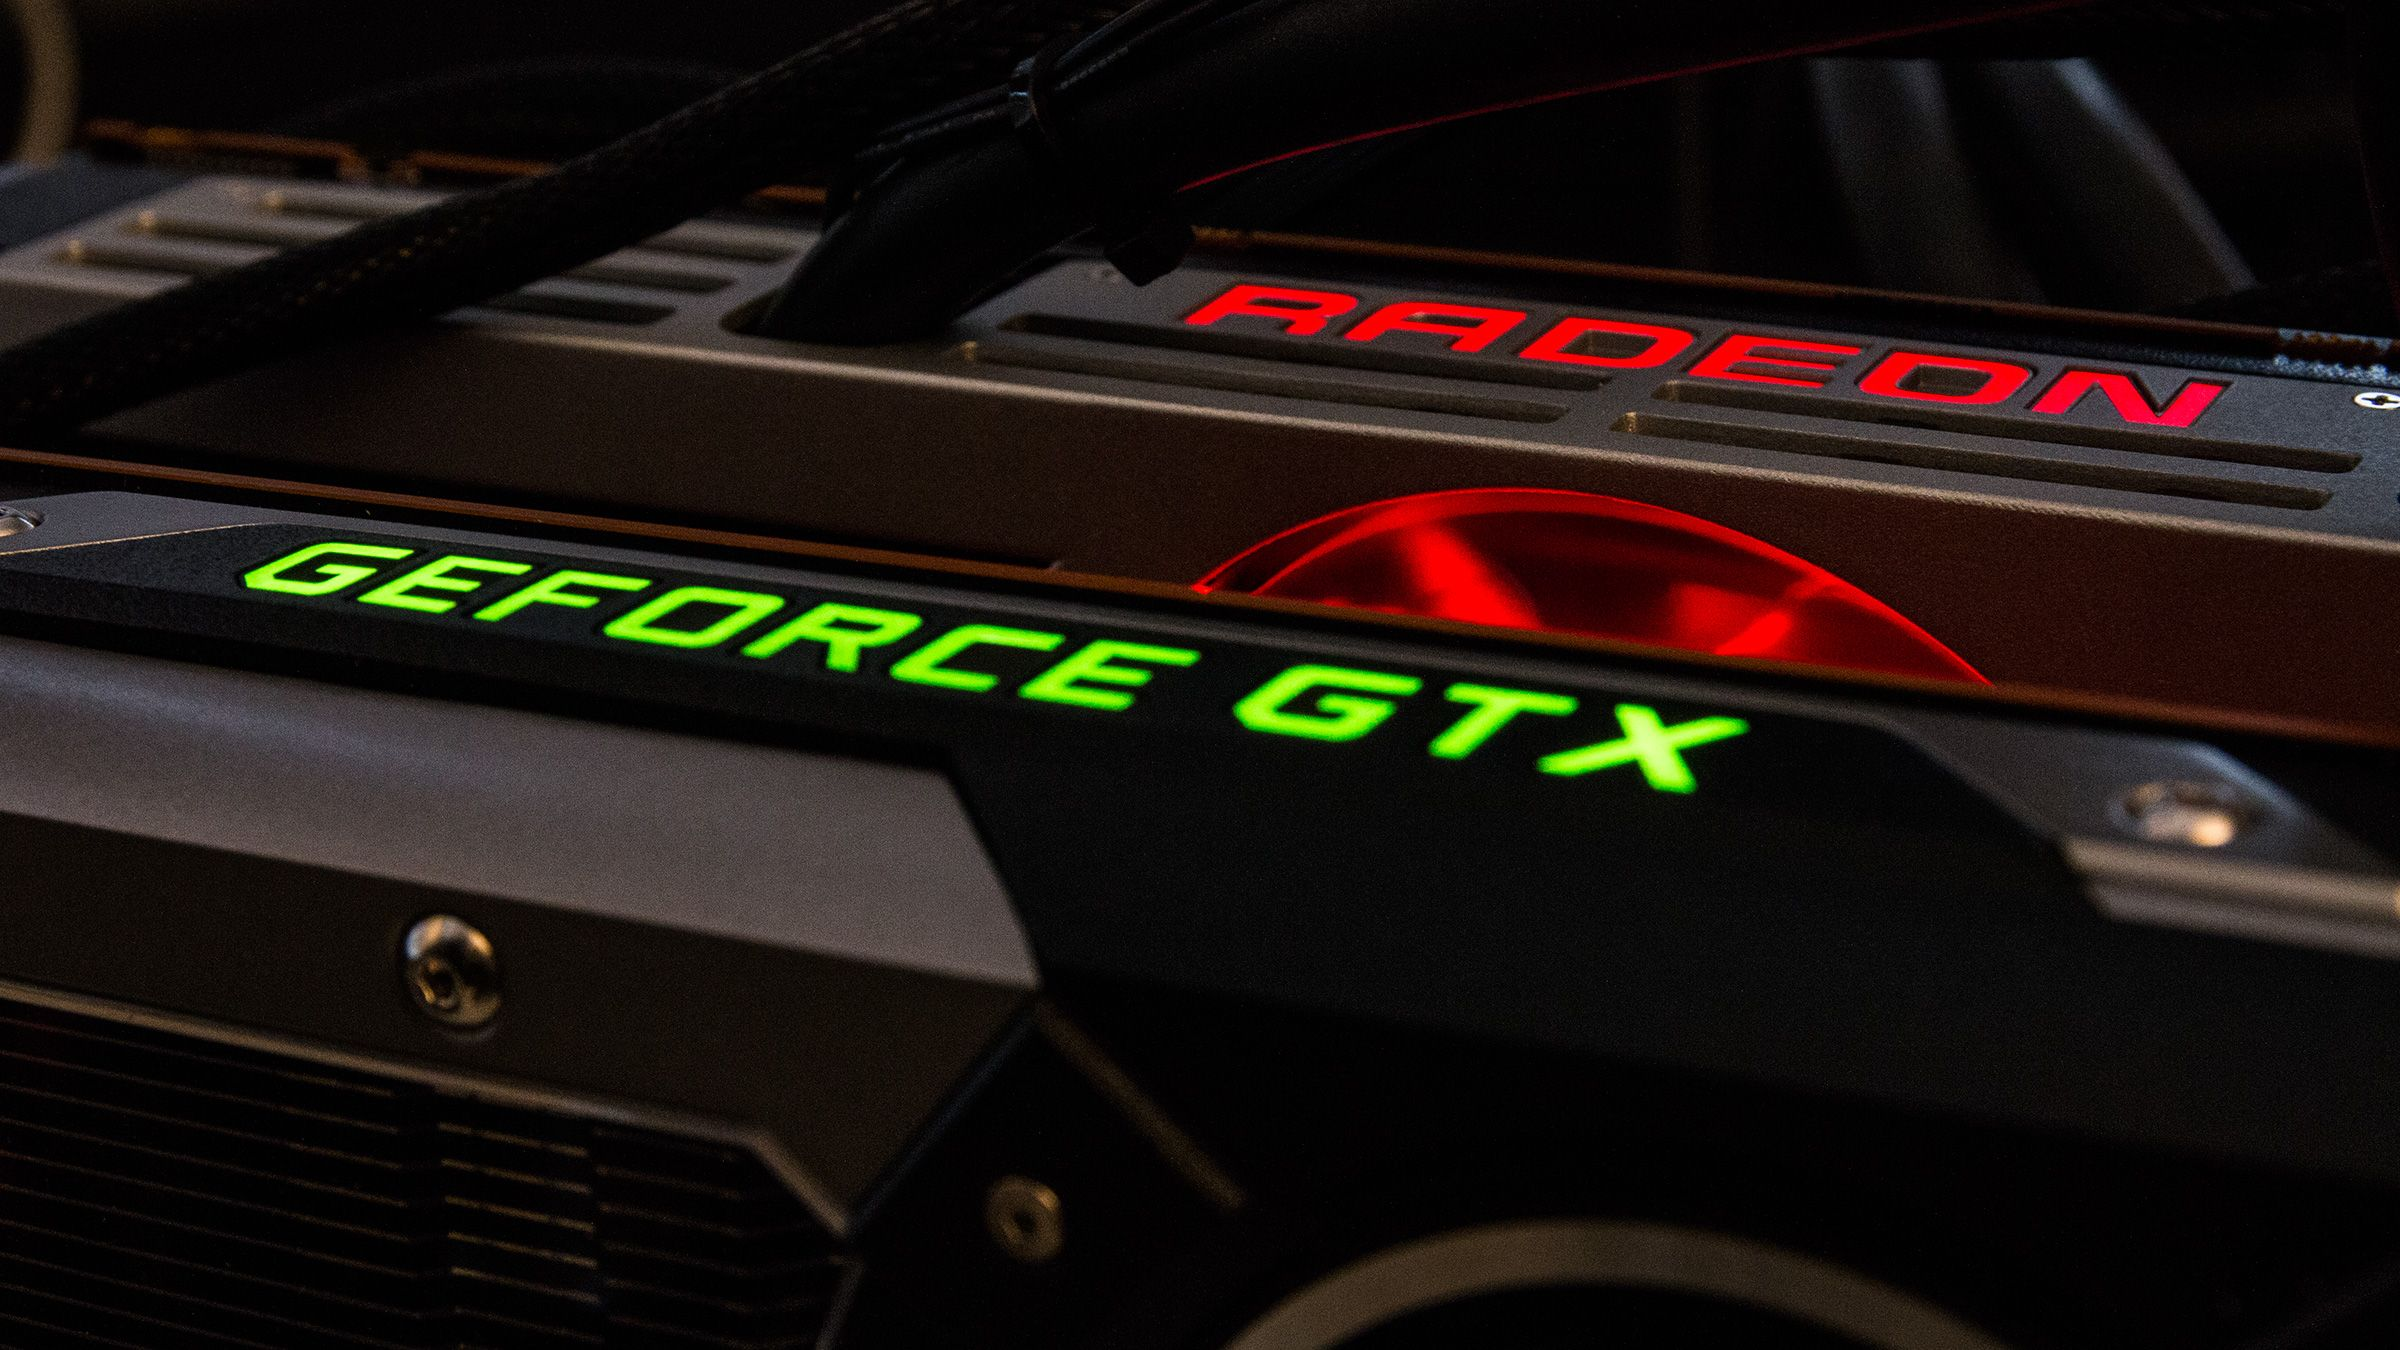 GeForce GTX 780 Ti SLI vs Radeon R9 295X2